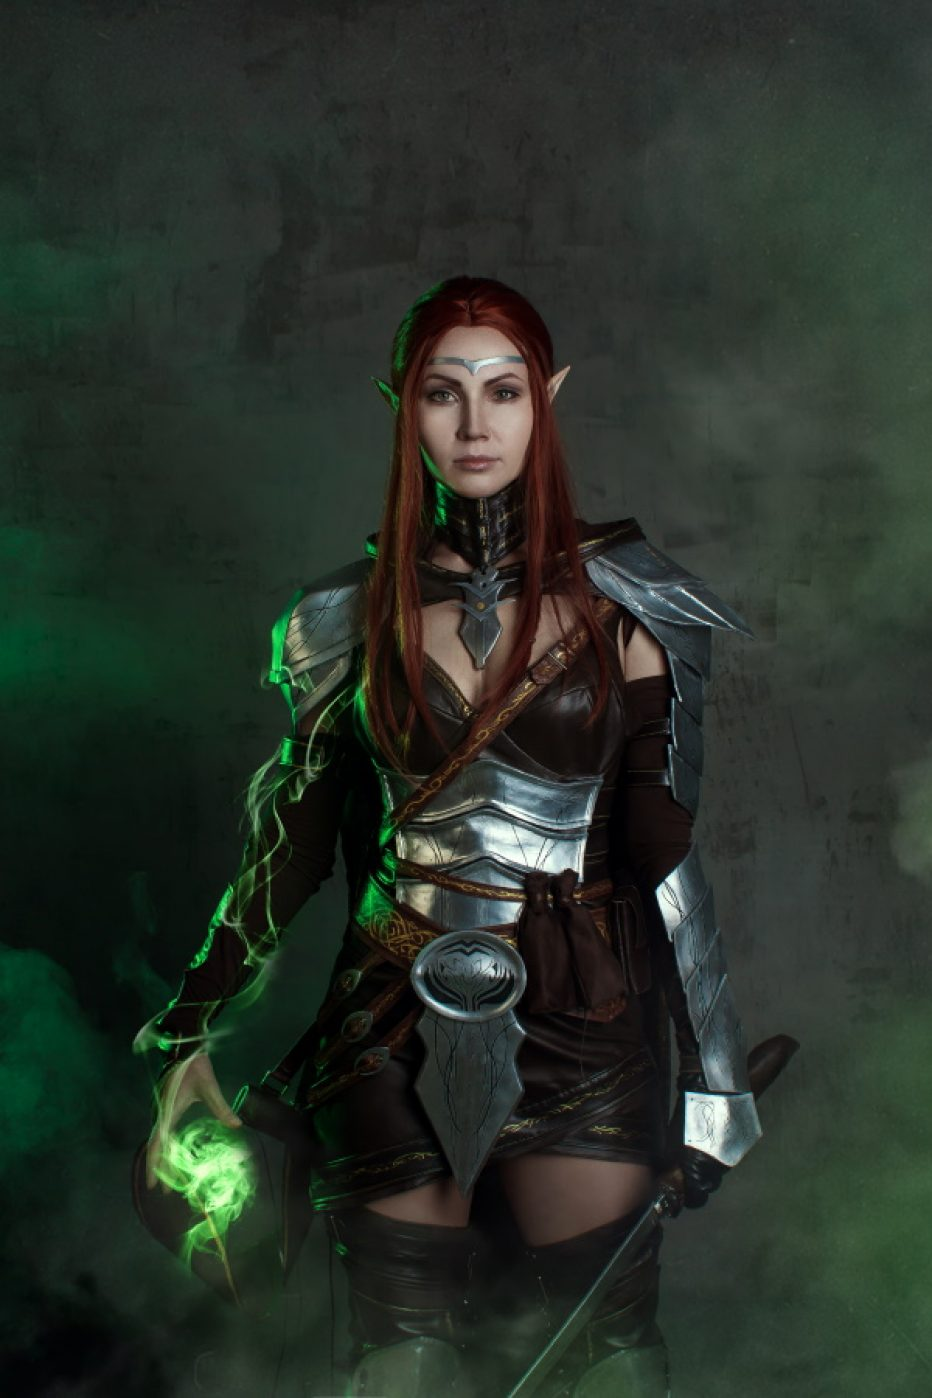 The-Elder-Scrolls-Online-Altmer-Cosplay-Gamers-Heroes-2.jpg